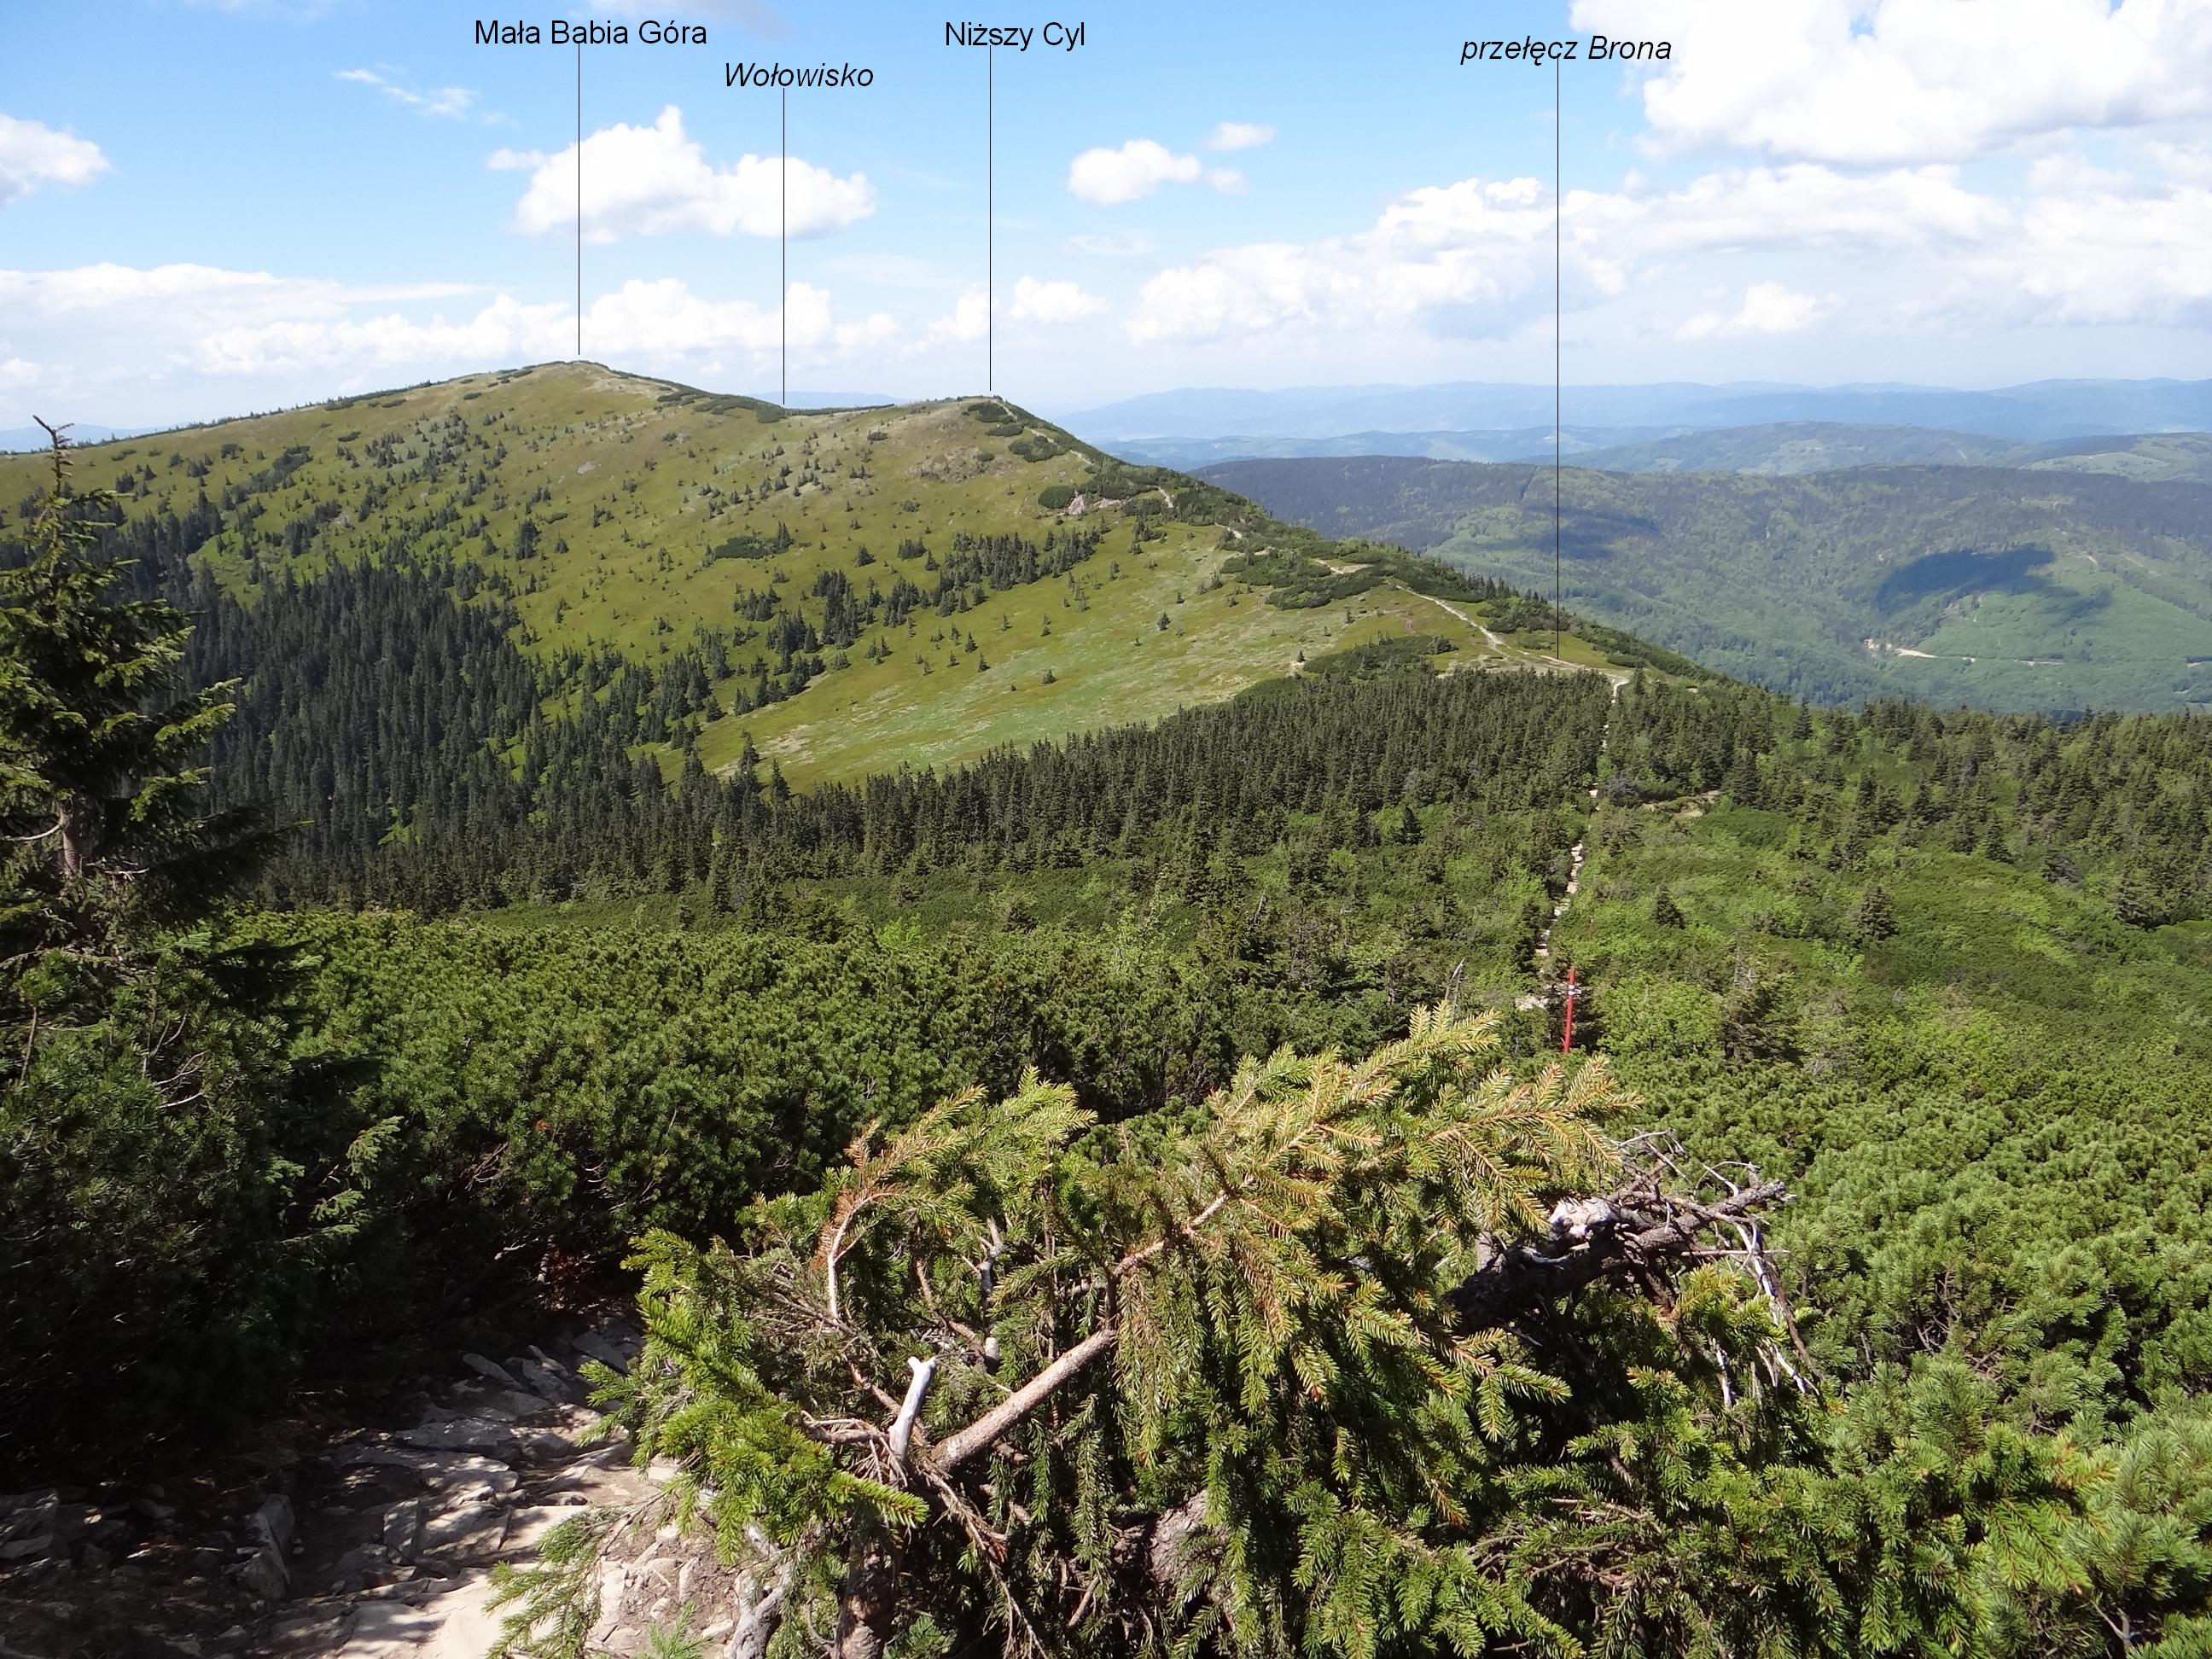 Mała Babia Góra – Wikipedia, wolna encyklopedia